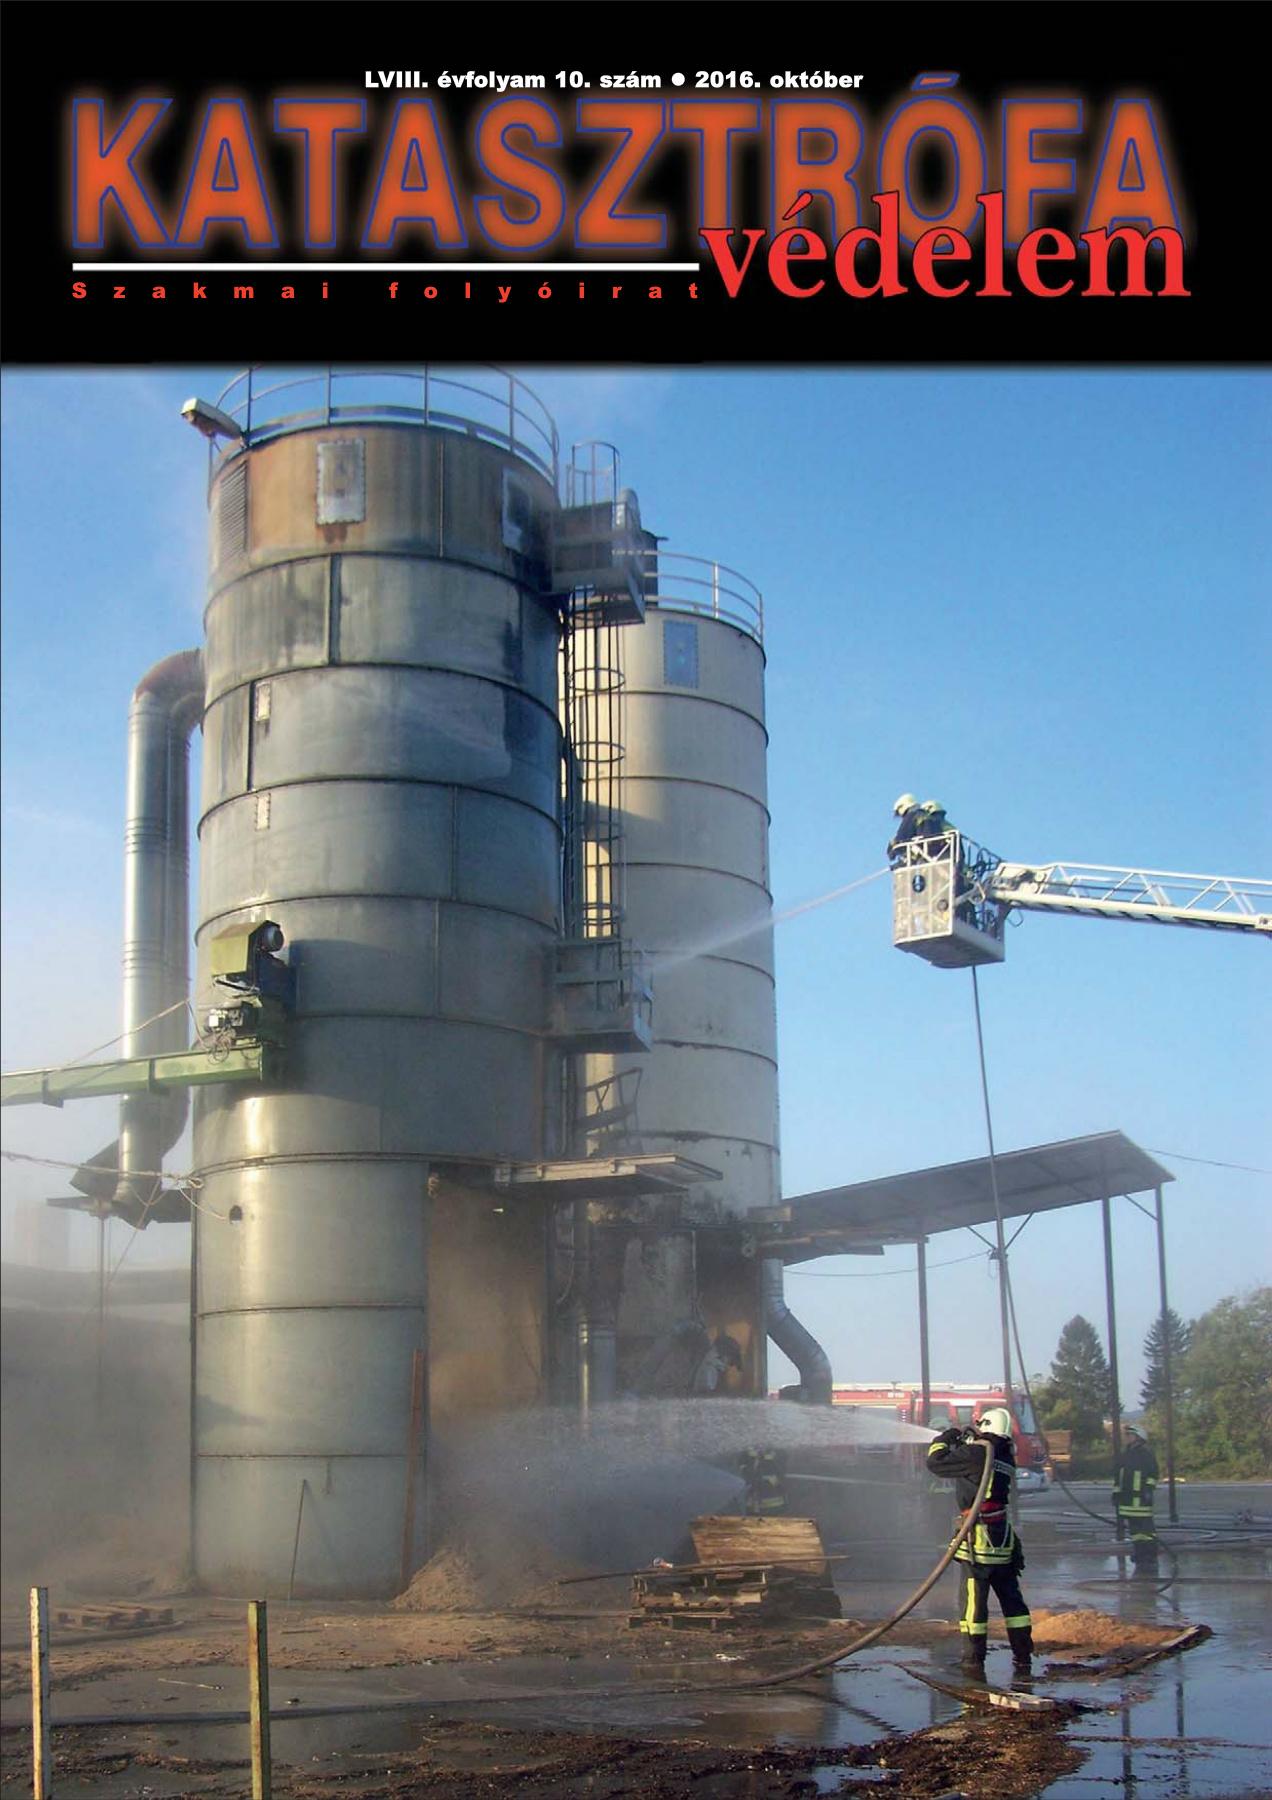 A Katasztrófavédelem magazin LVIII. évfolyam 10. szám megtekintése